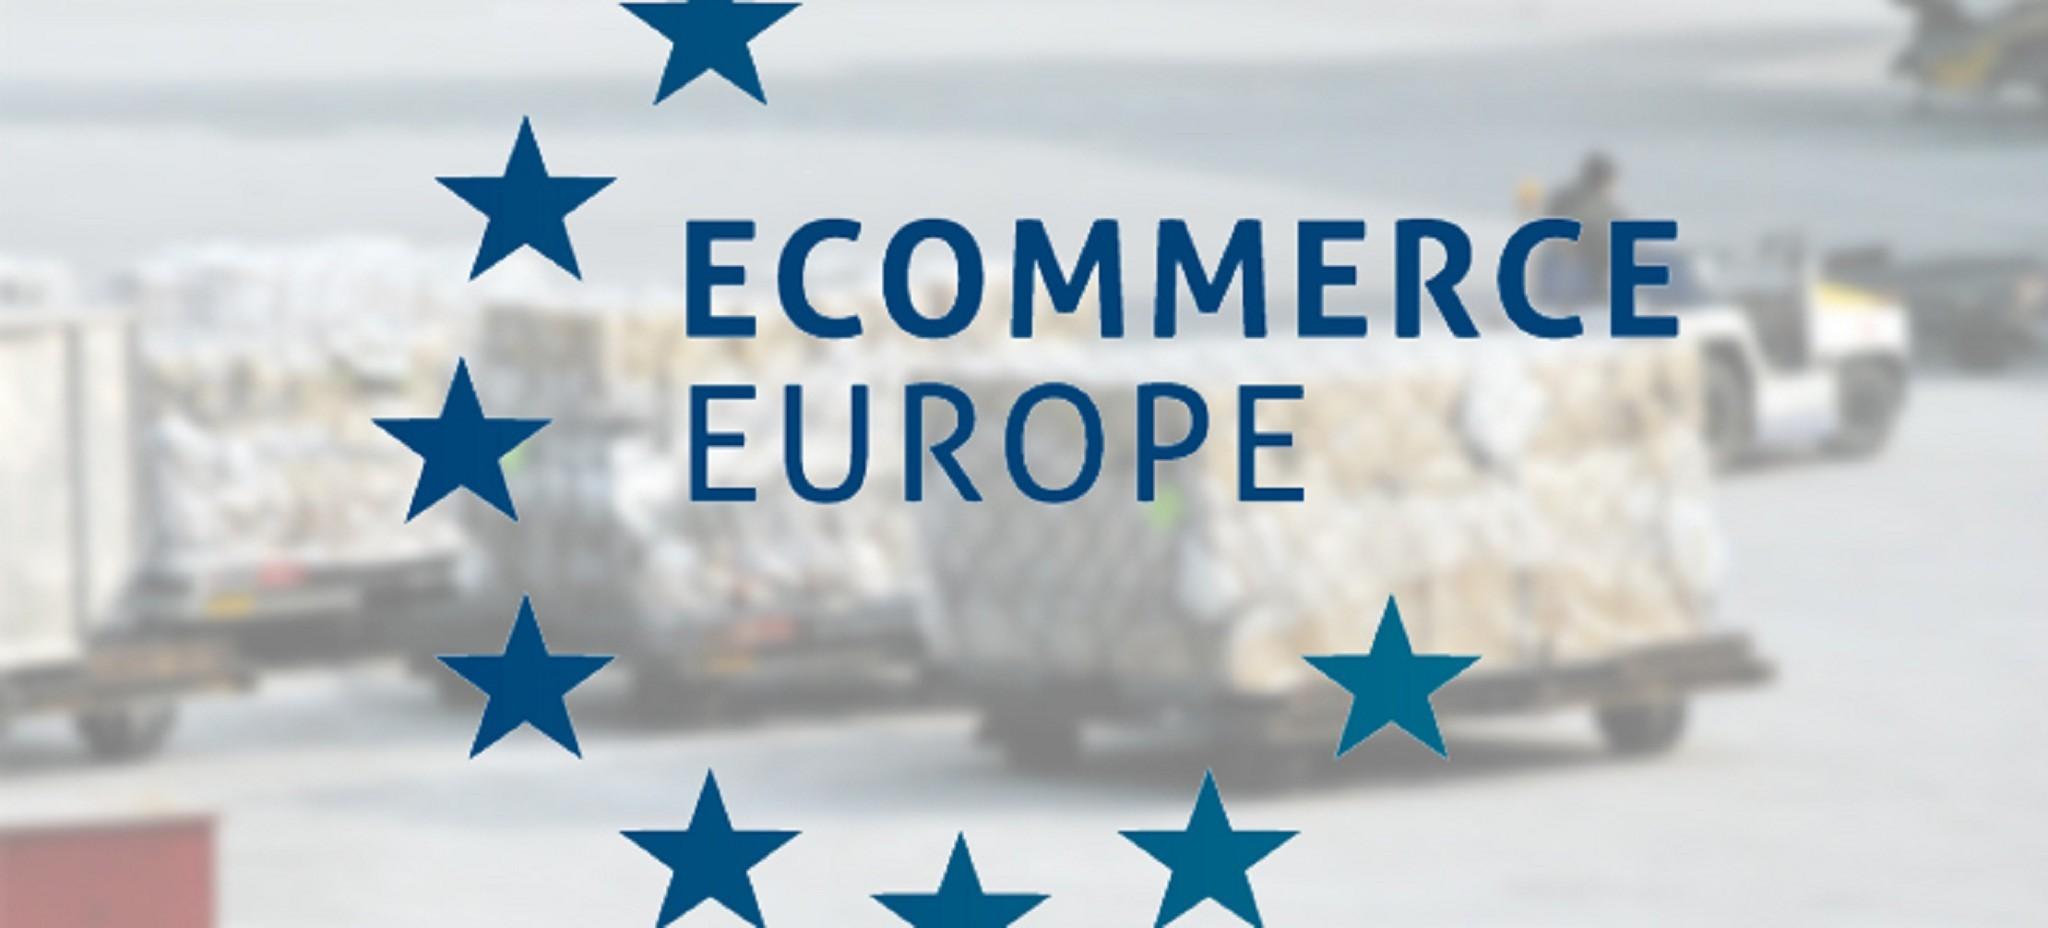 跨境物流仍是痛點,歐洲電商組織力推跨國整合策略